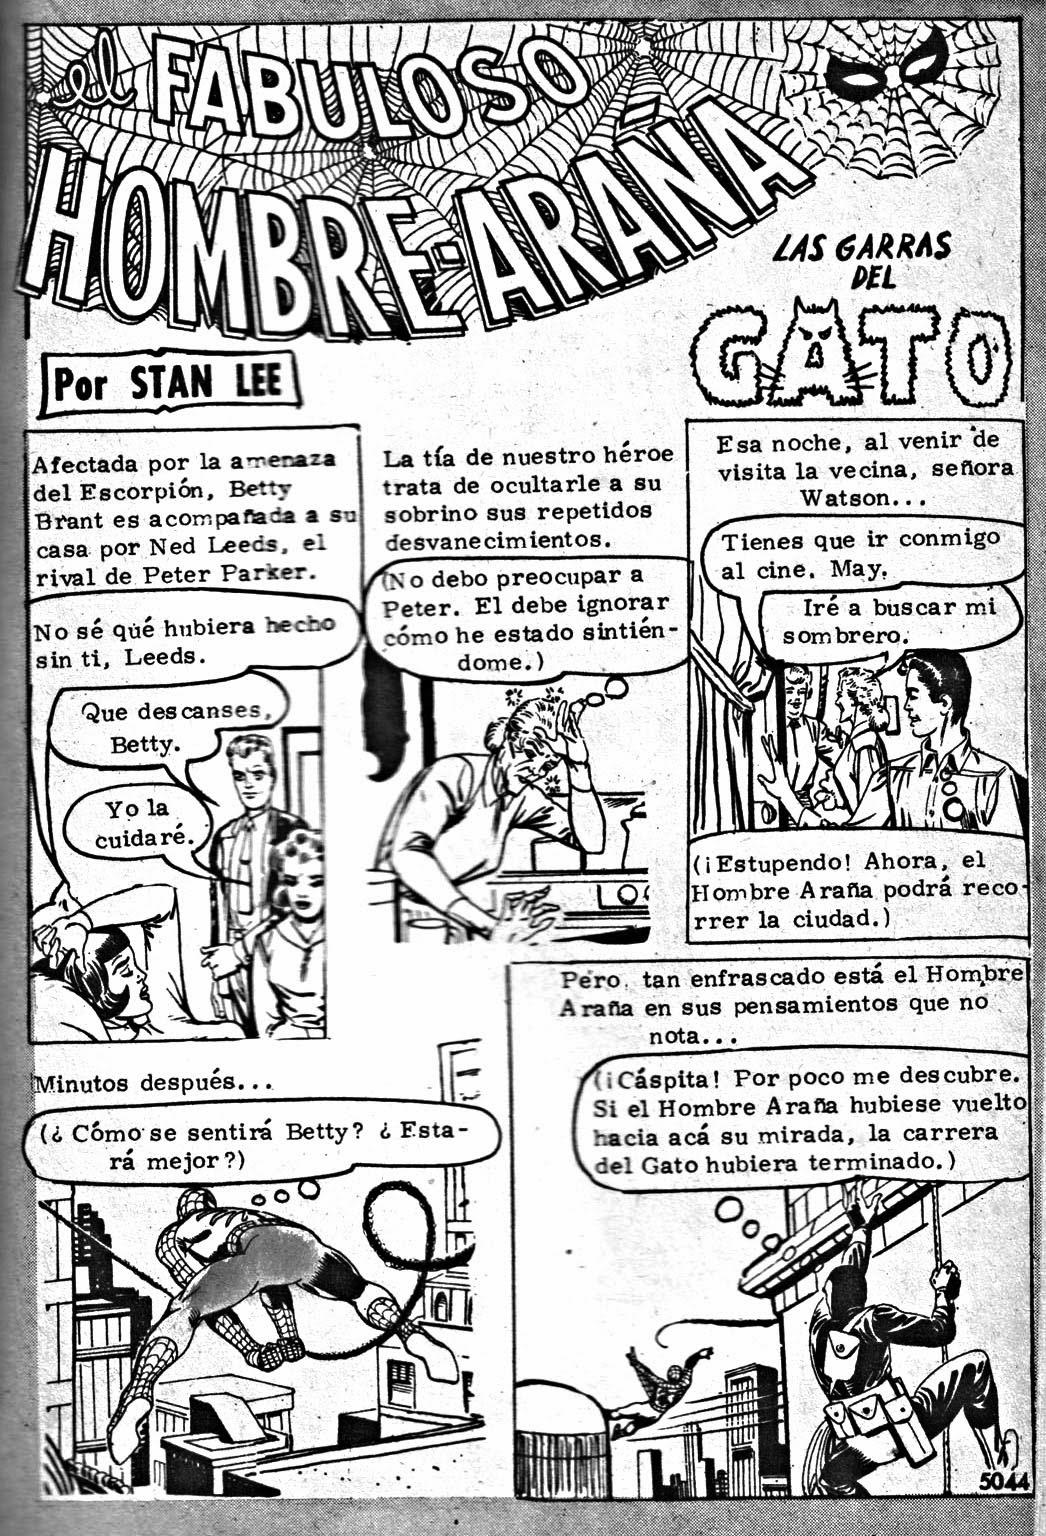 [Debate] Los Orígenes Comiqueros Marvel, DC  y otros en Argentina  Fantasia_139_Columba_Hombre_Ara%25C3%25B1a